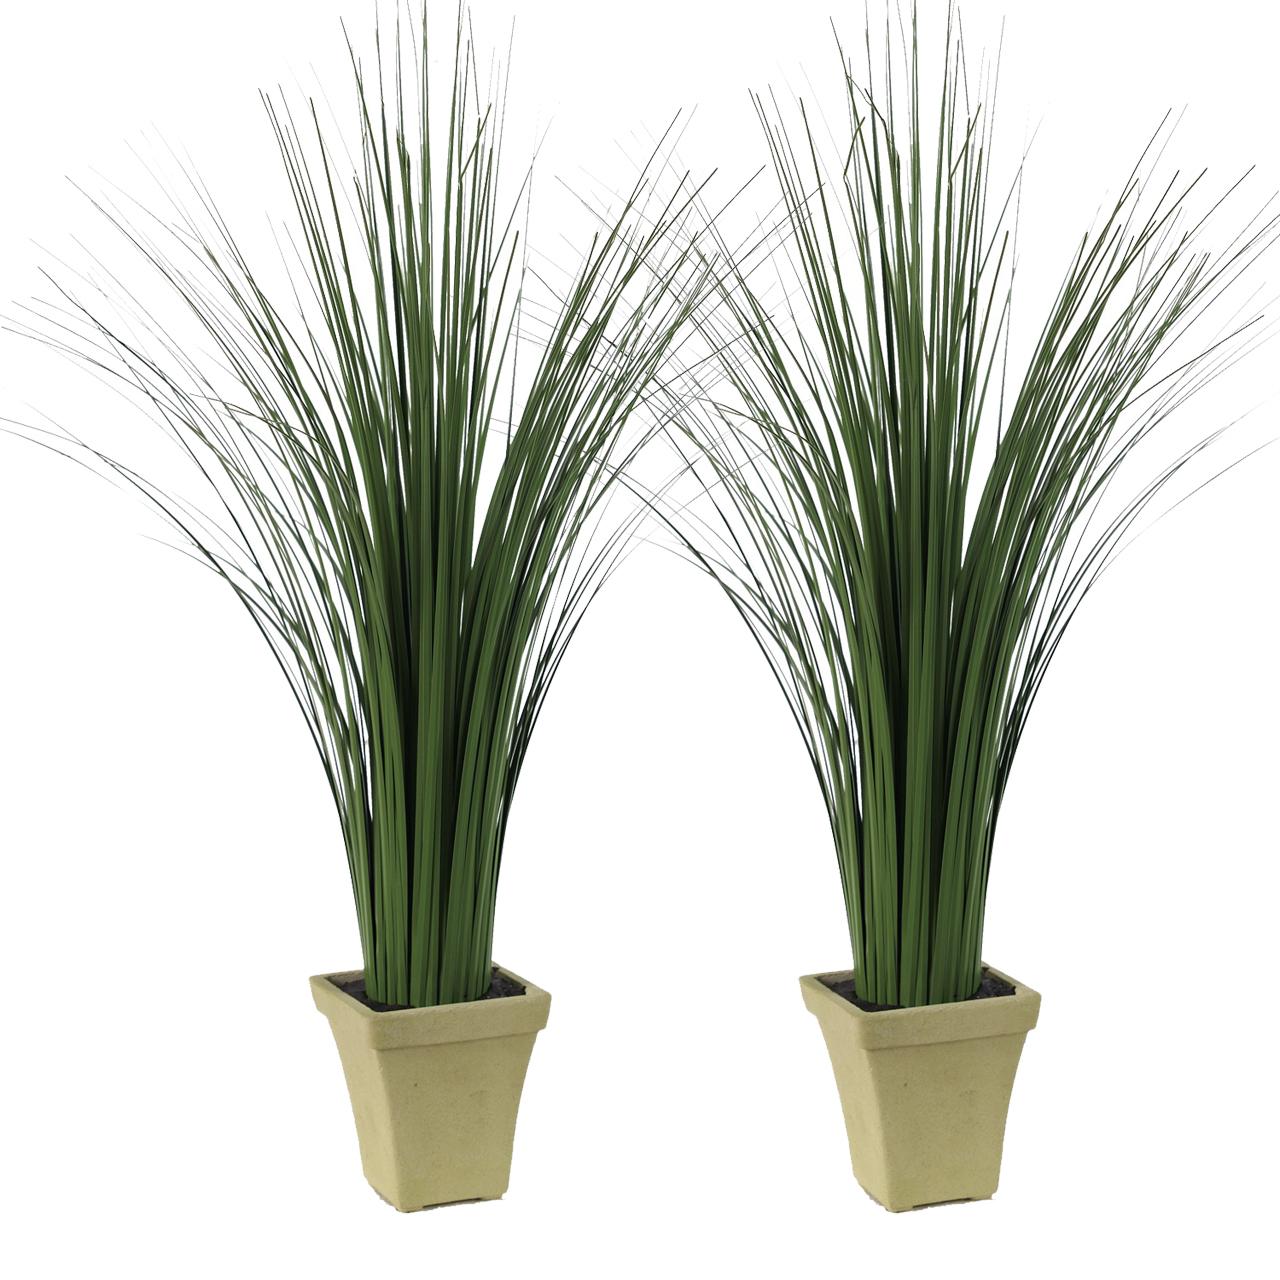 Искусственные растения ARTEVALUCE Искусственное растение Jimena (10х10х60 см - 2 шт) maria jimena duzan killing copy